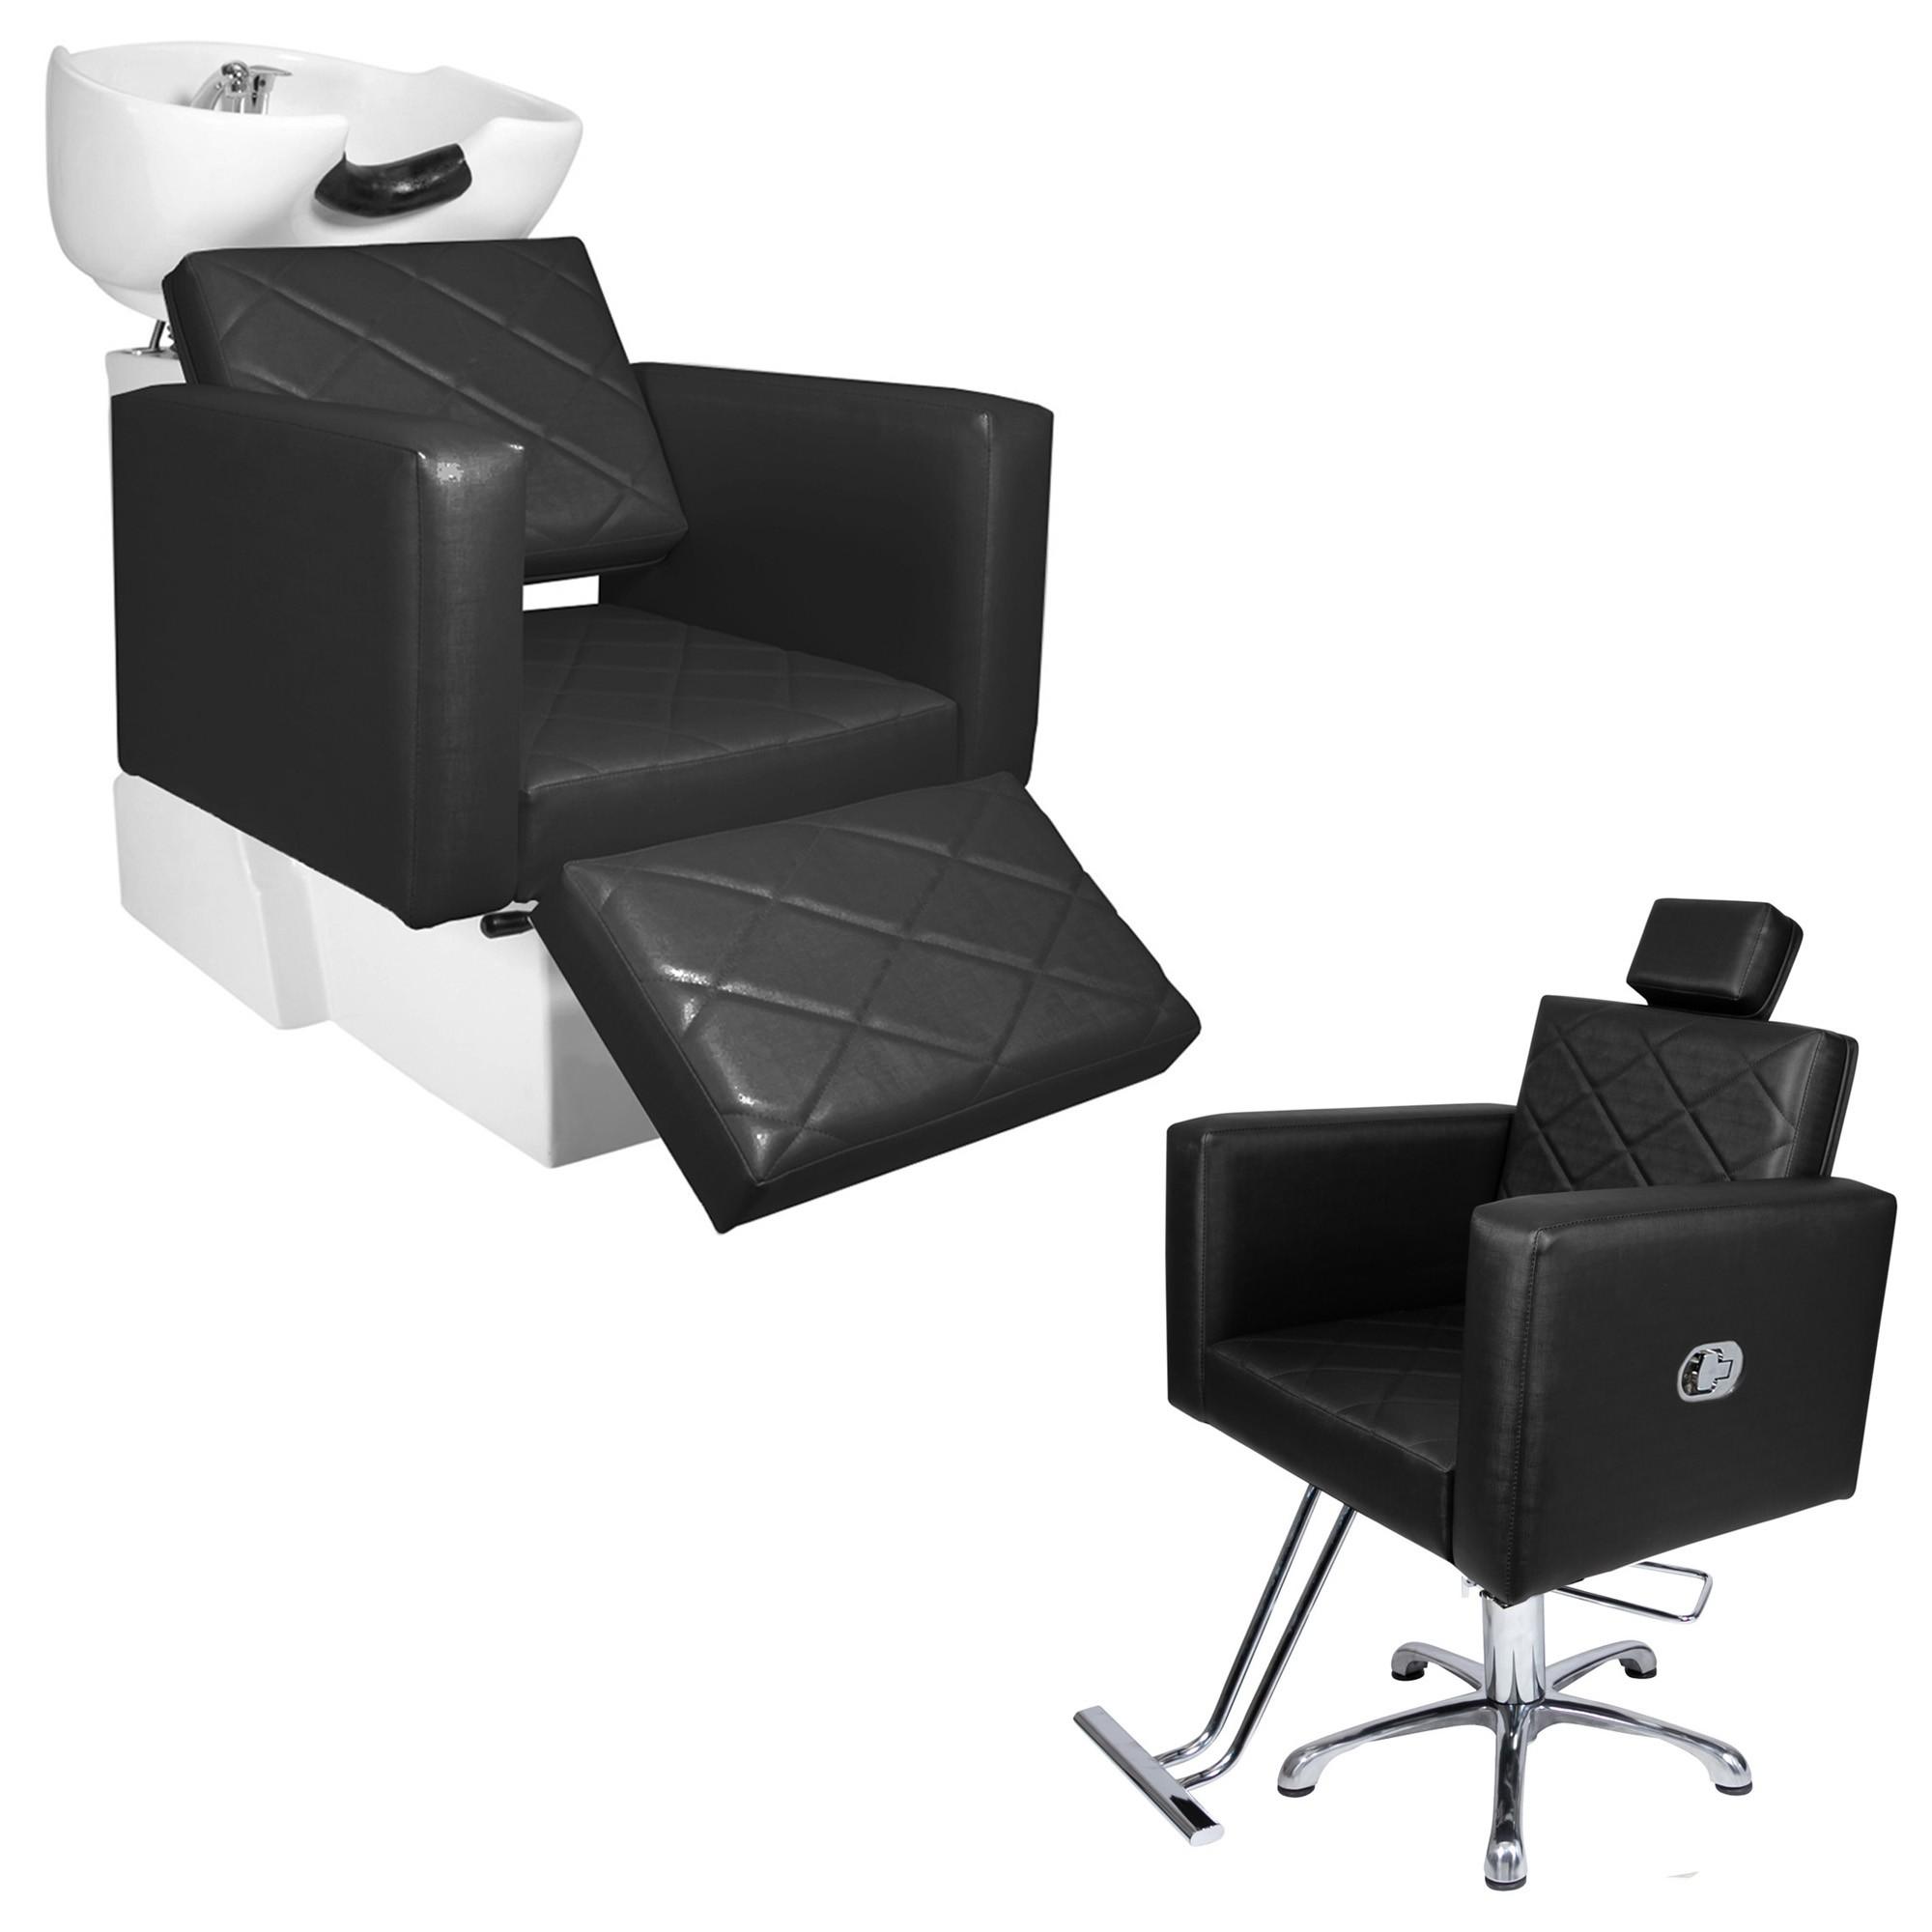 KIT Evidence 1 Cadeira Reclinável + 1 Lavatório Com Descanso de Pé